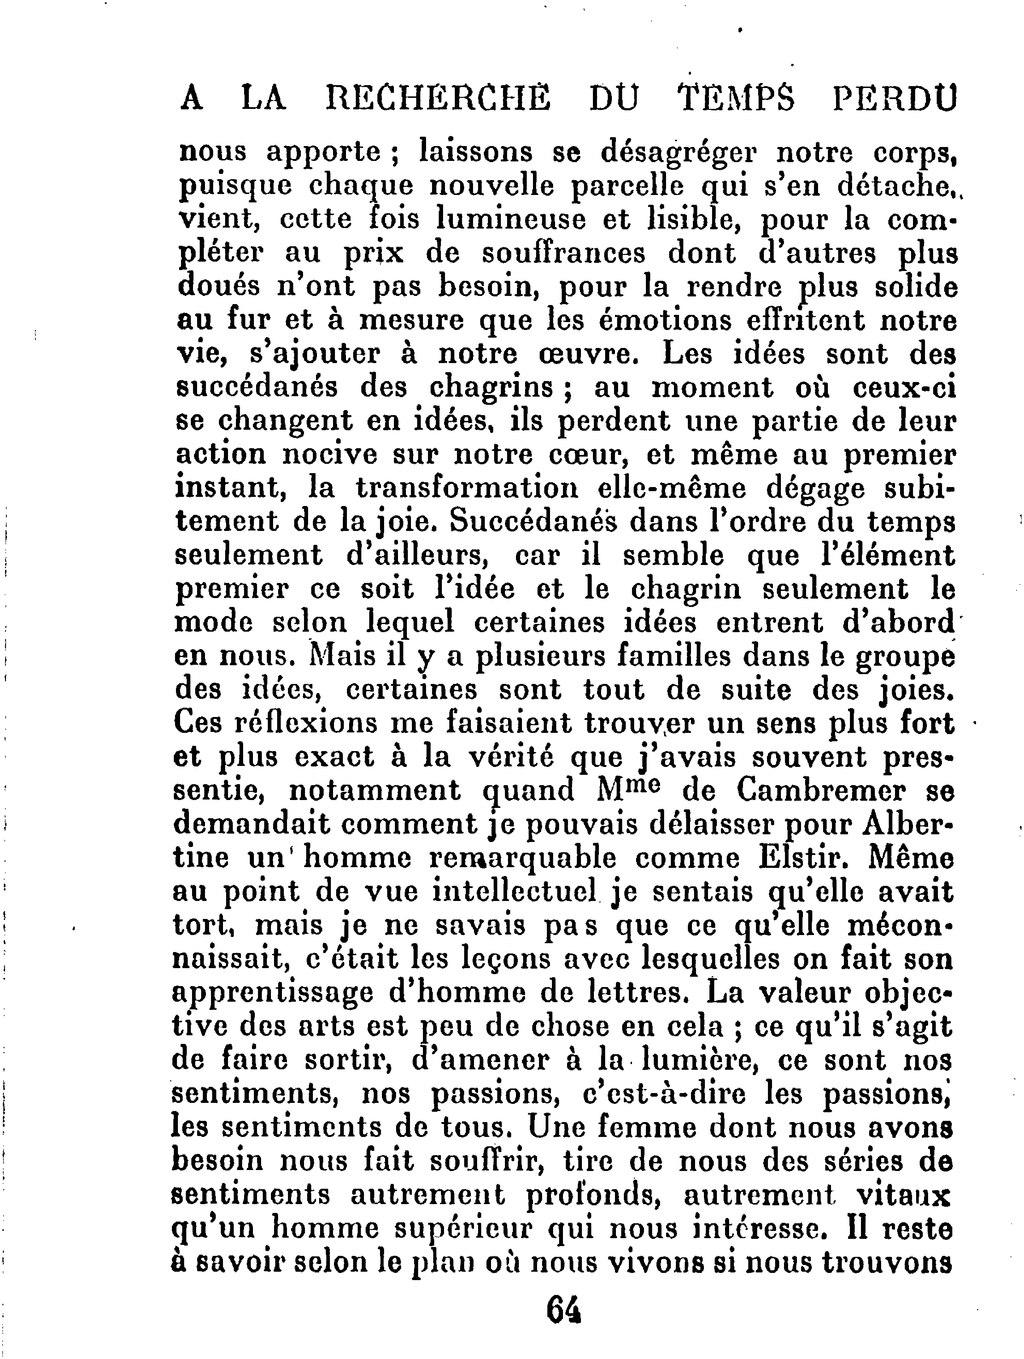 Le Temps Wikisource Page 2 proust djvu68 RetrouvéTome wN8nm0